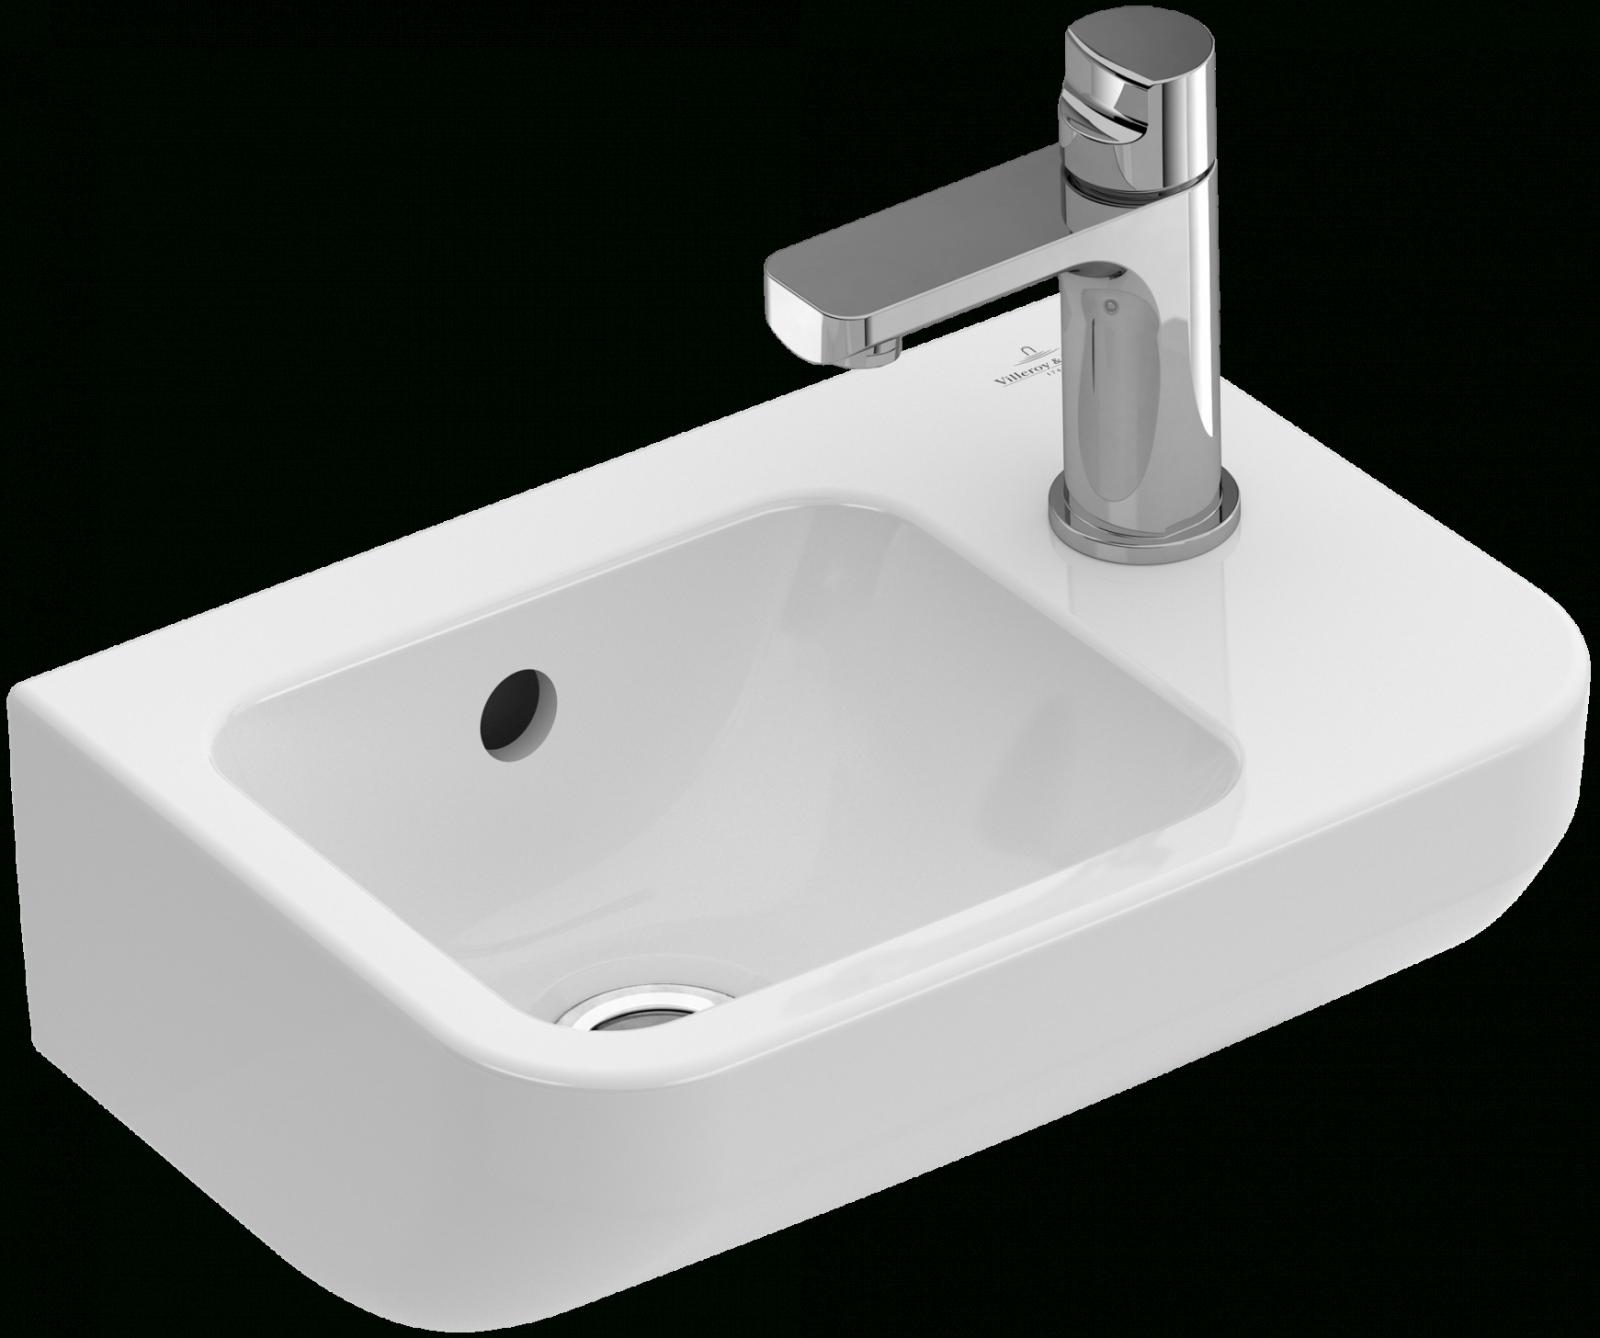 Bad Und Wellness Detailseite Villeroy & Boch von Villeroy Und Boch Omnia Architectura Waschbecken Bild